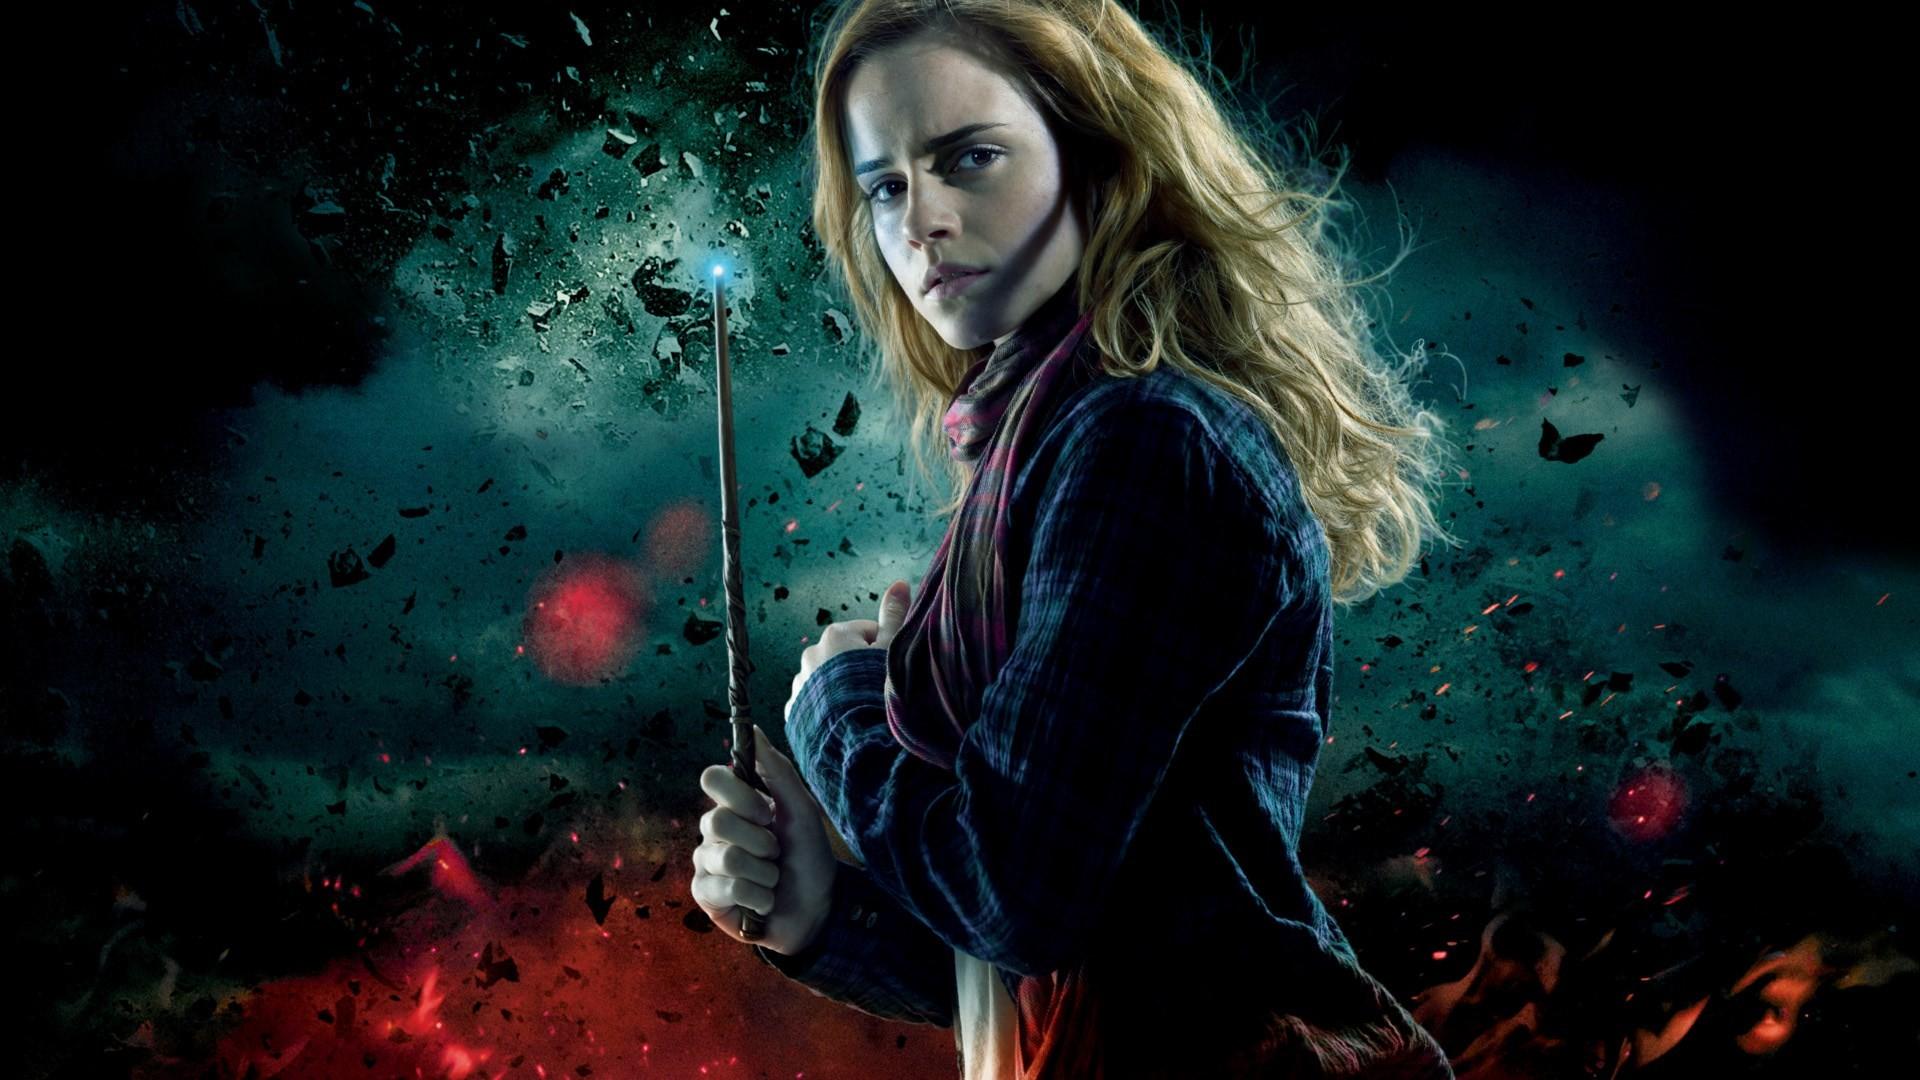 Hermione xxx wallpaper cartoon videos